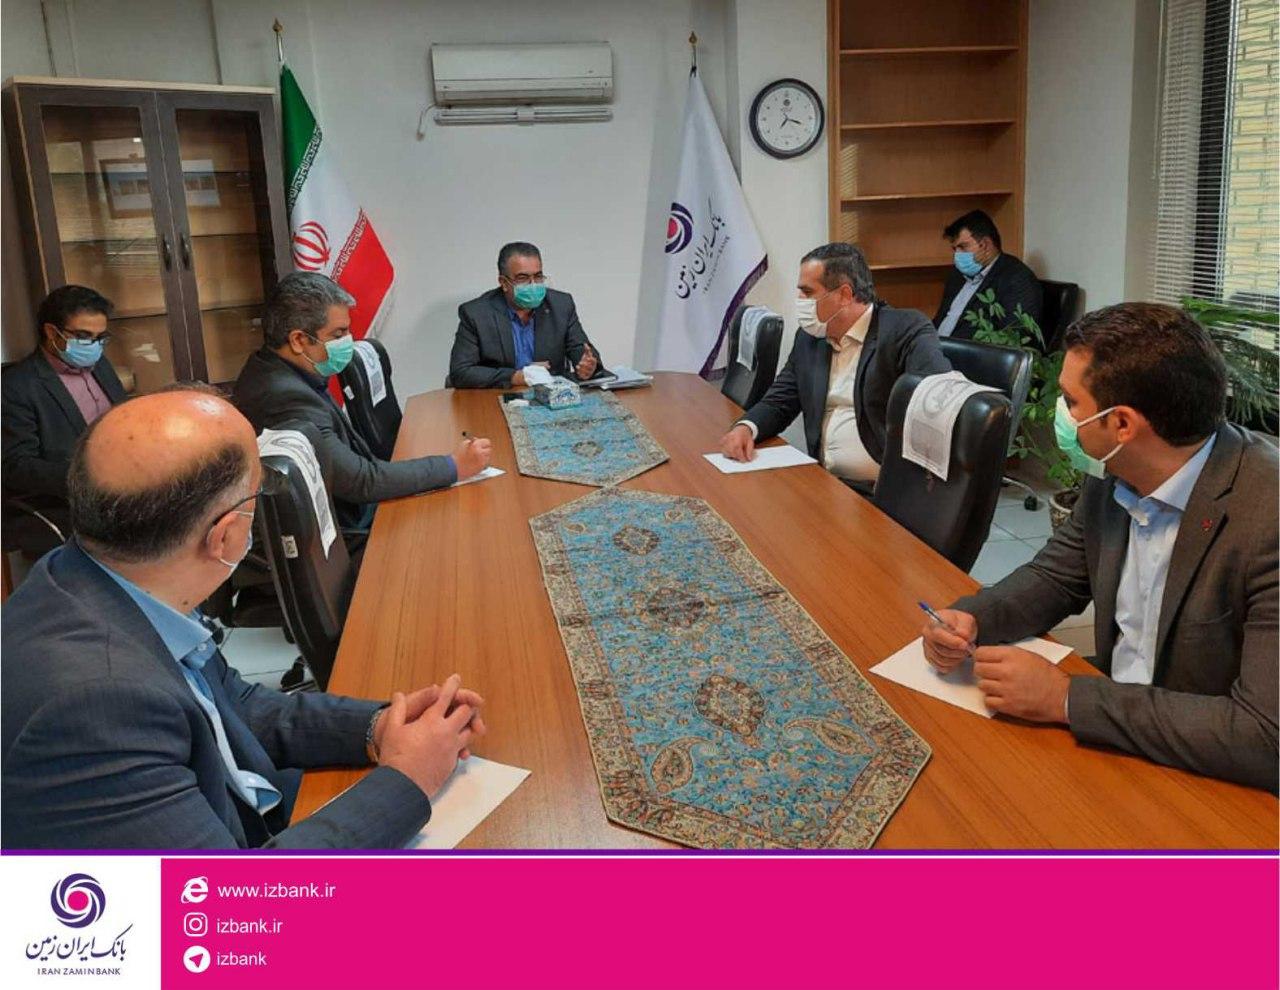 روحیه تعامل و تلاش همراه با انگیزه شاخصه سازمان جوان بانک ایران زمین است